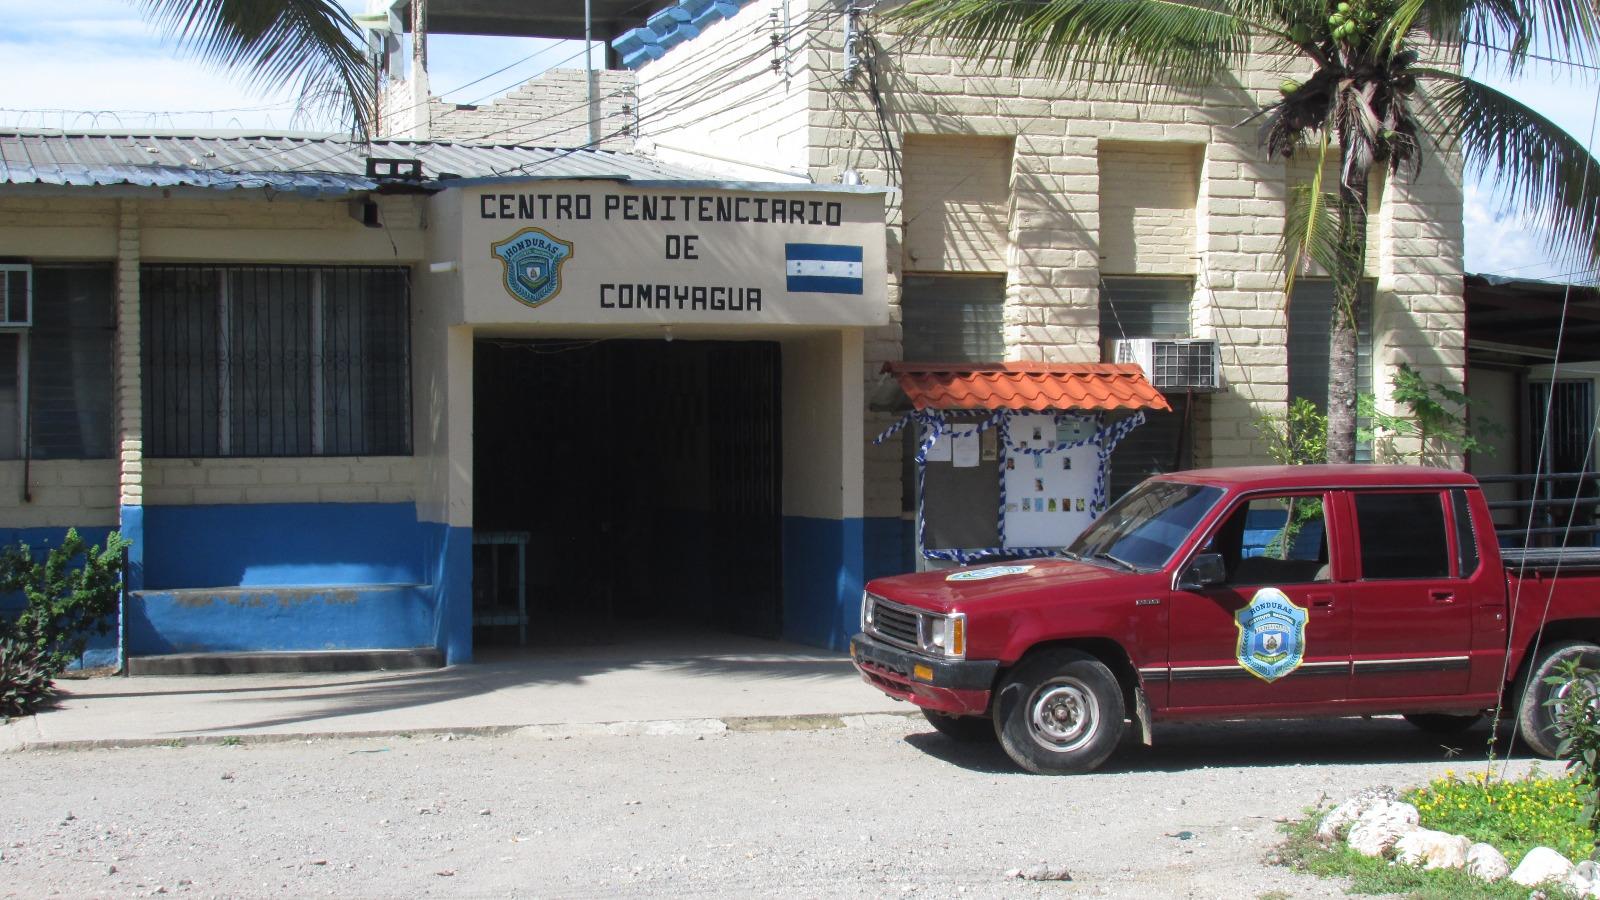 Penitenciario Comayagua